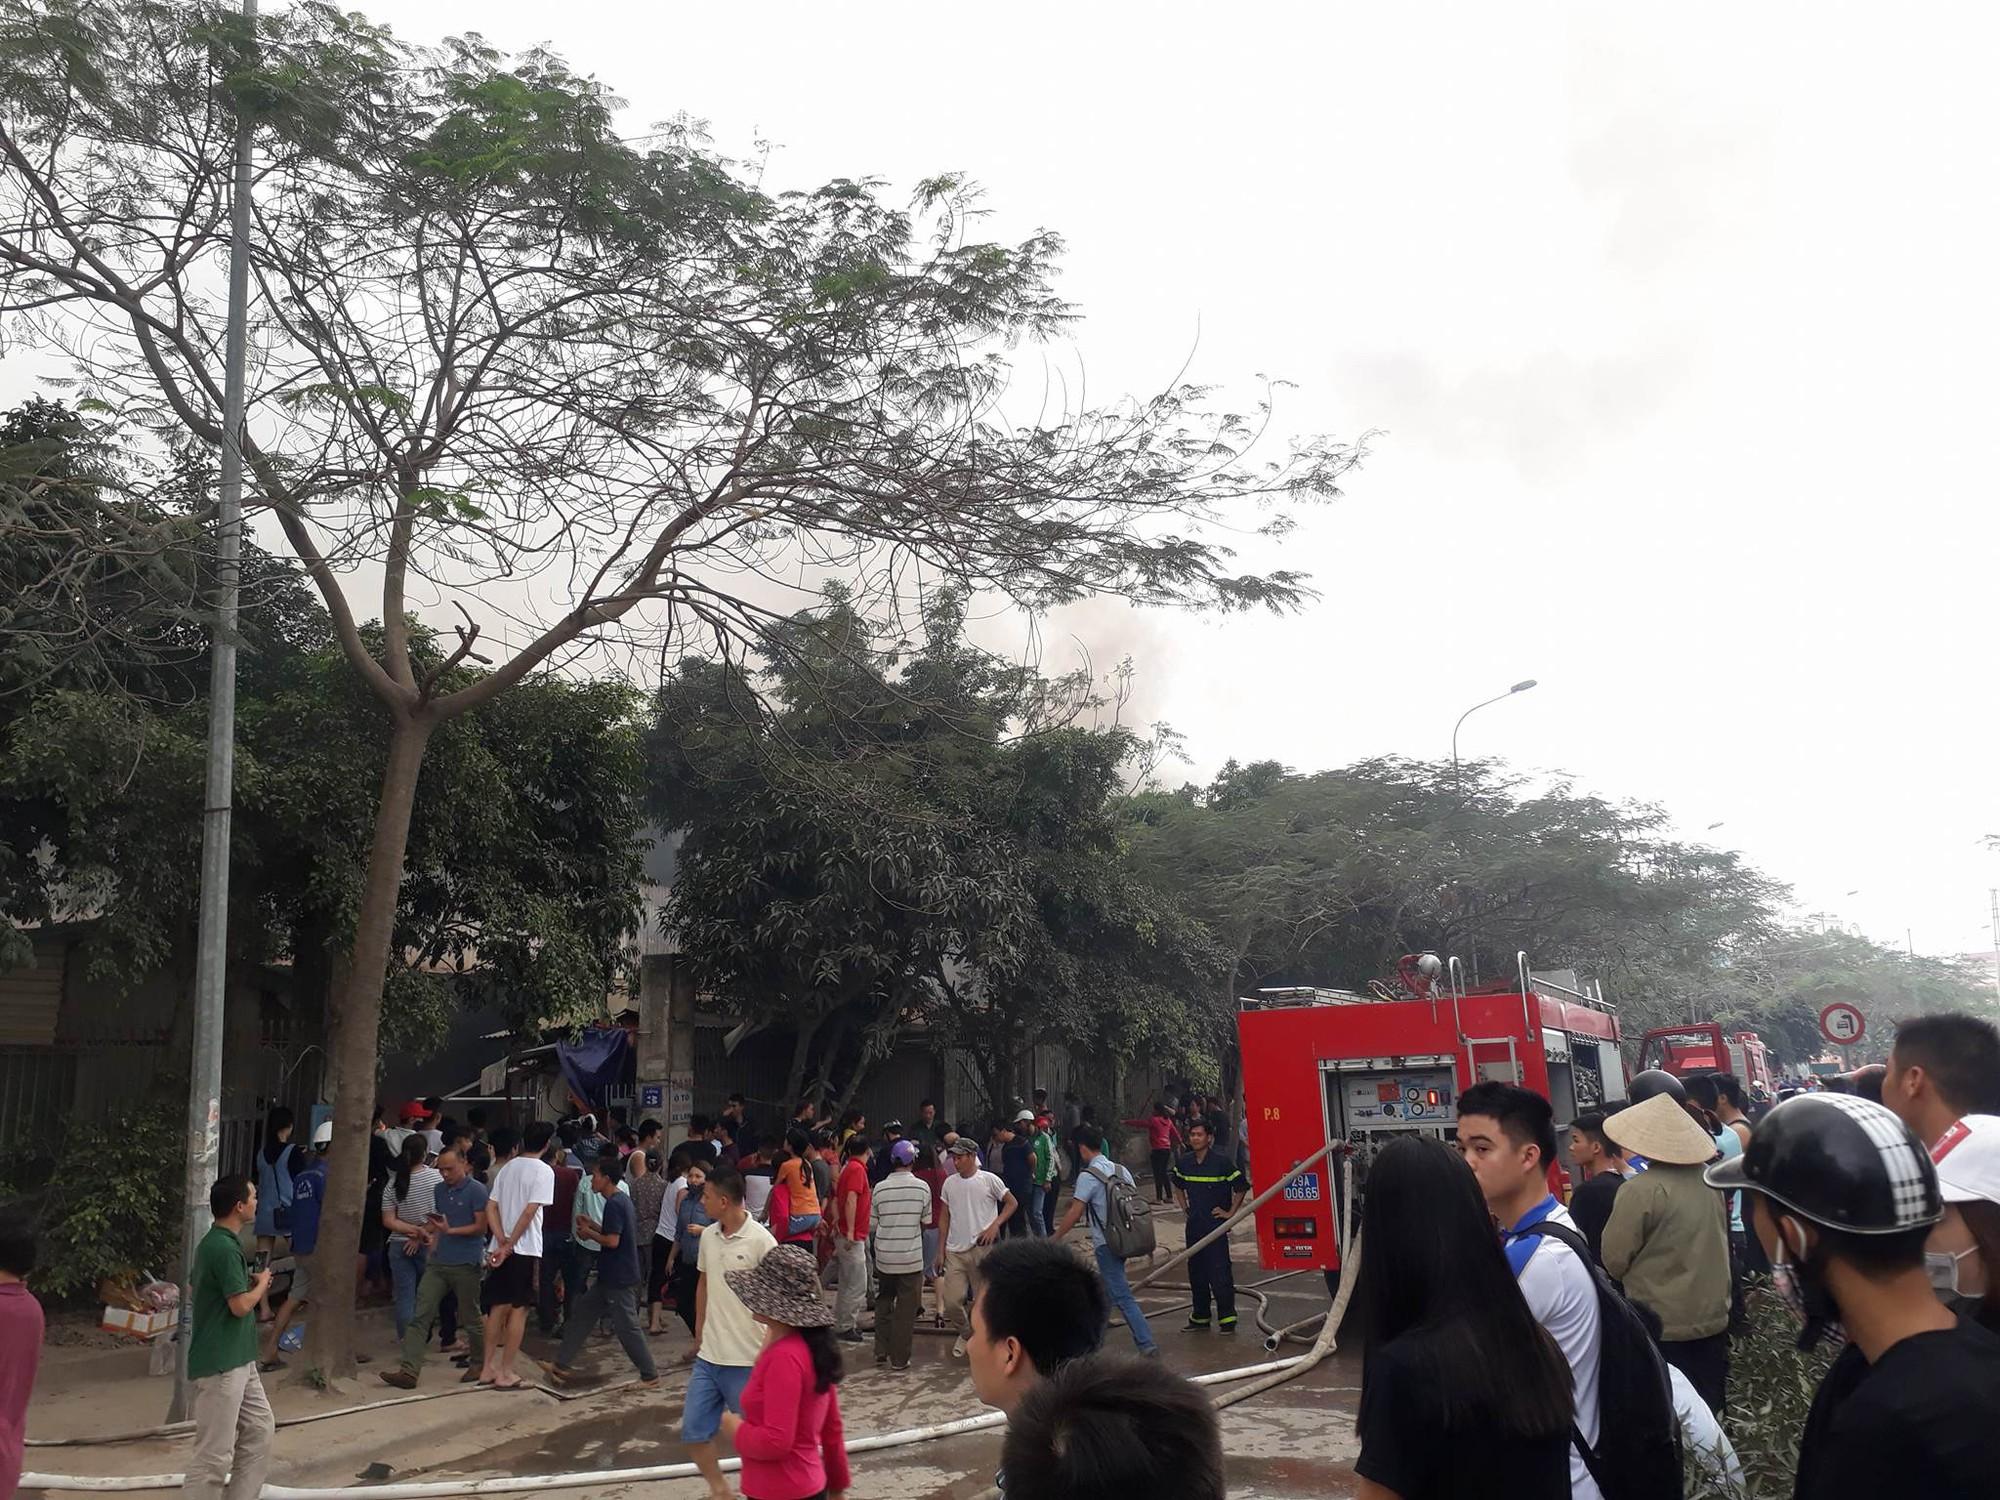 Hà Nội: Đang cháy rất lớn ở chợ Quang, vẫn còn người mắc kẹt liên tục kêu cứu 2